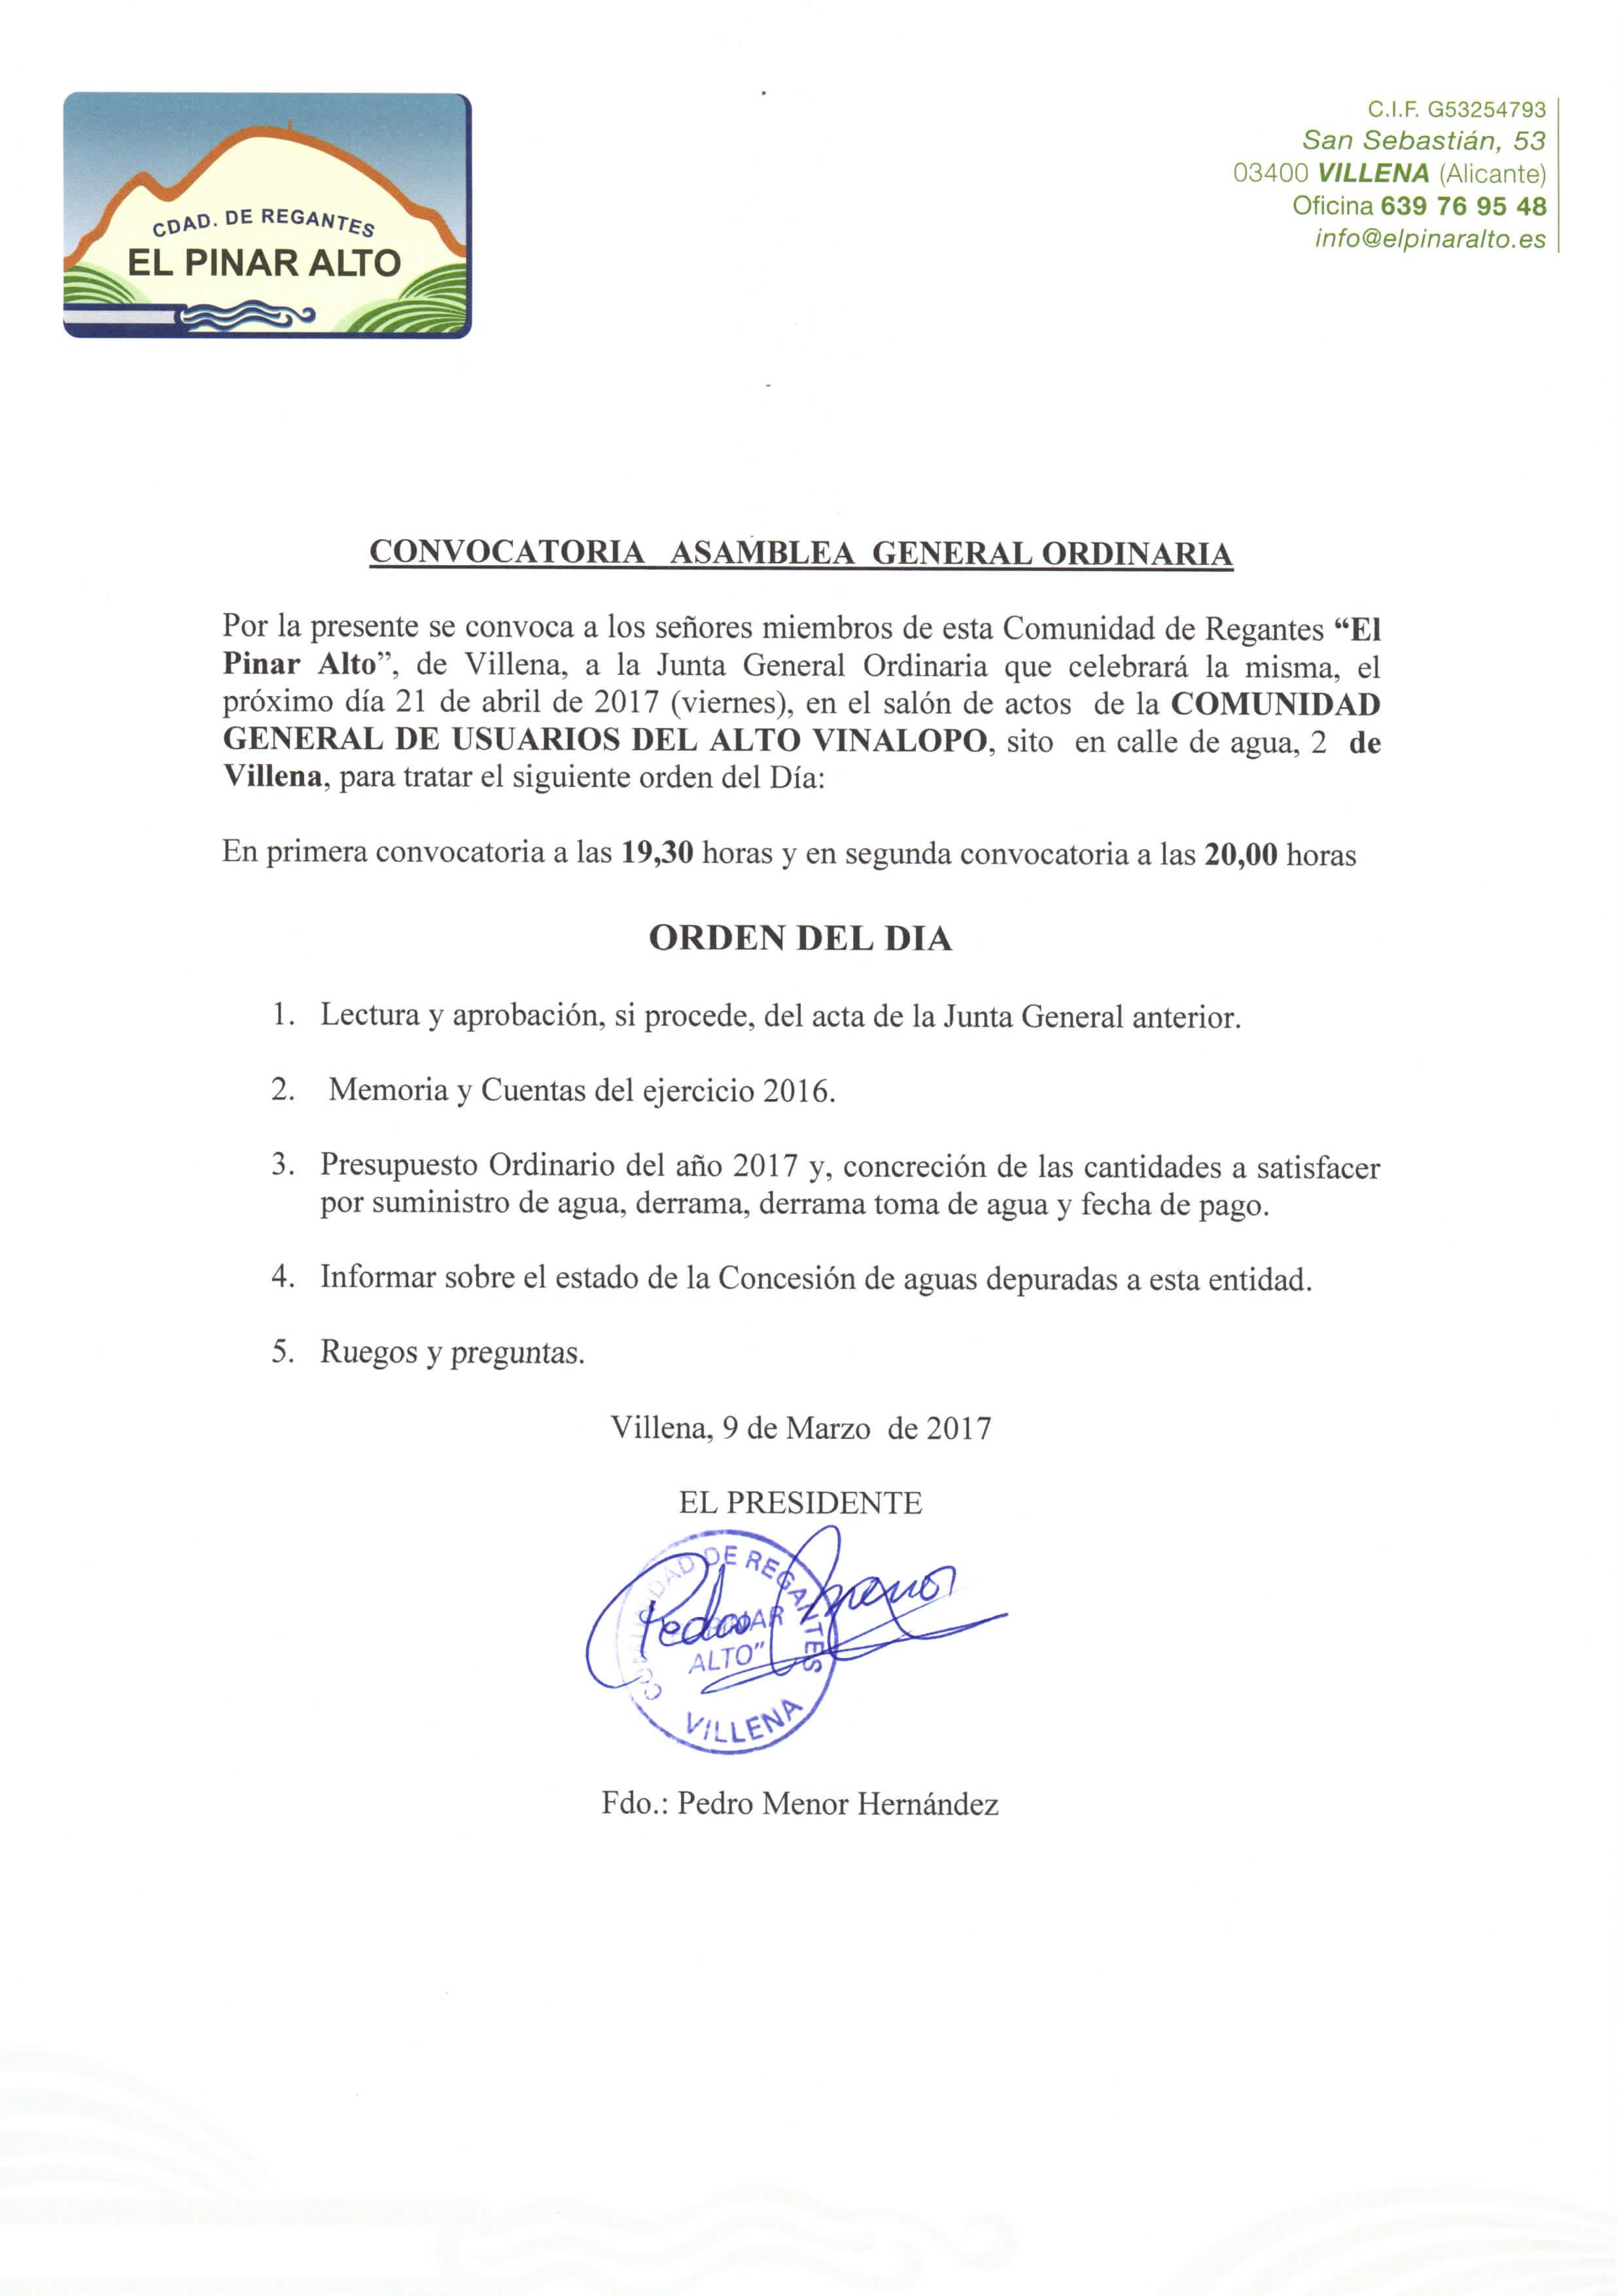 CONVOCATORIA JUNTA GENERAL ORDINARIA